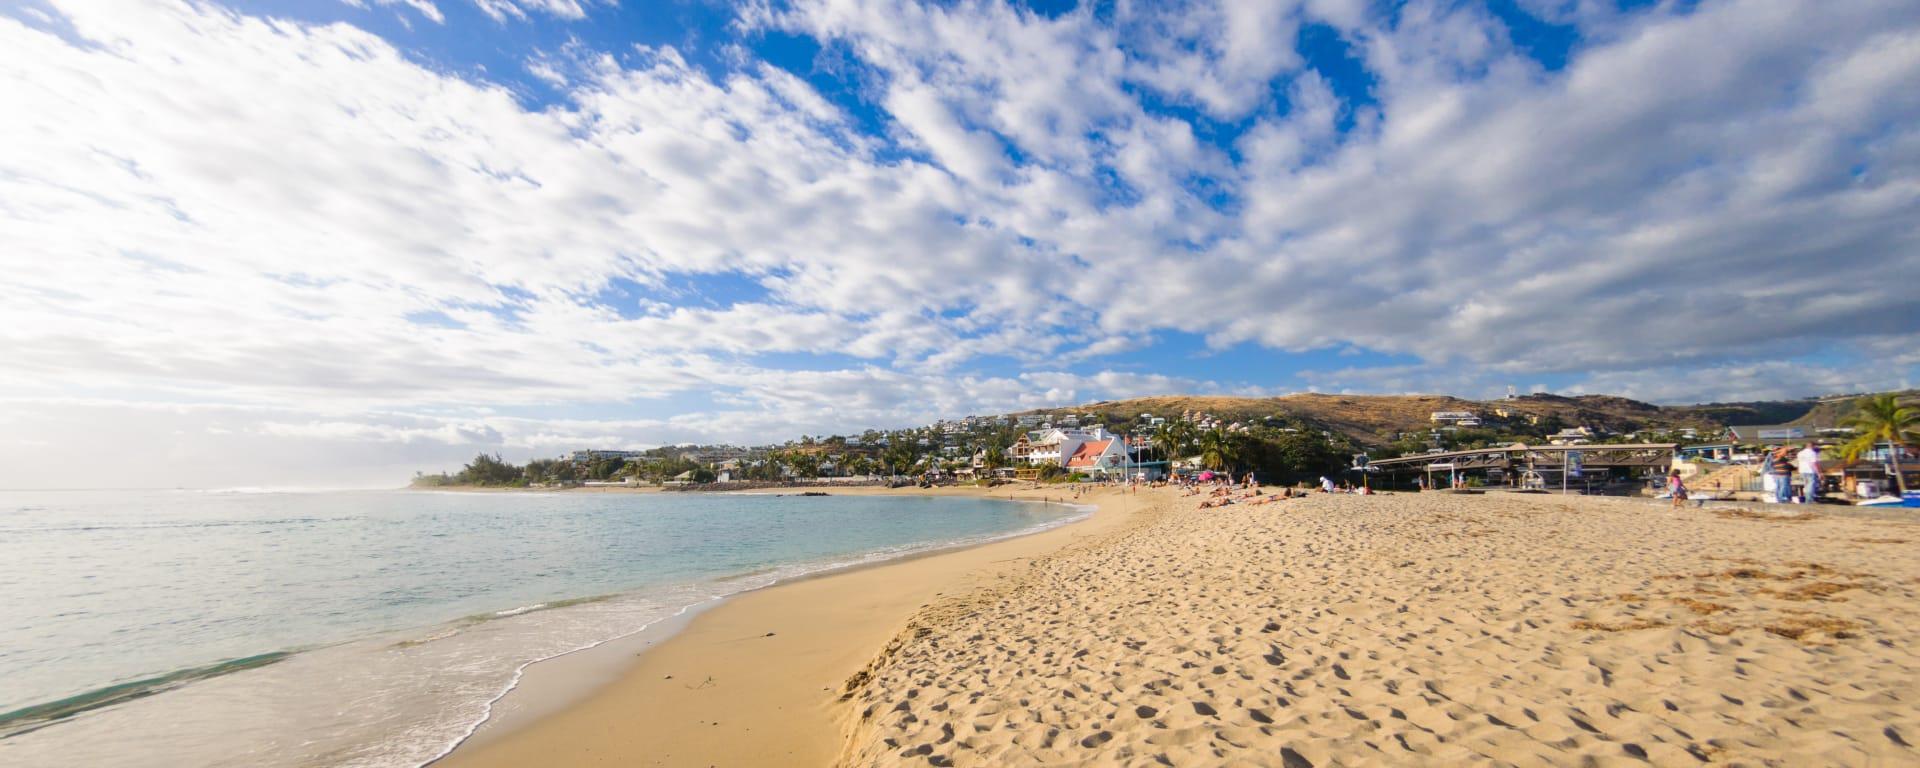 Réunion entdecken mit Tischler Reisen: Reunion Strand Saint Gilles